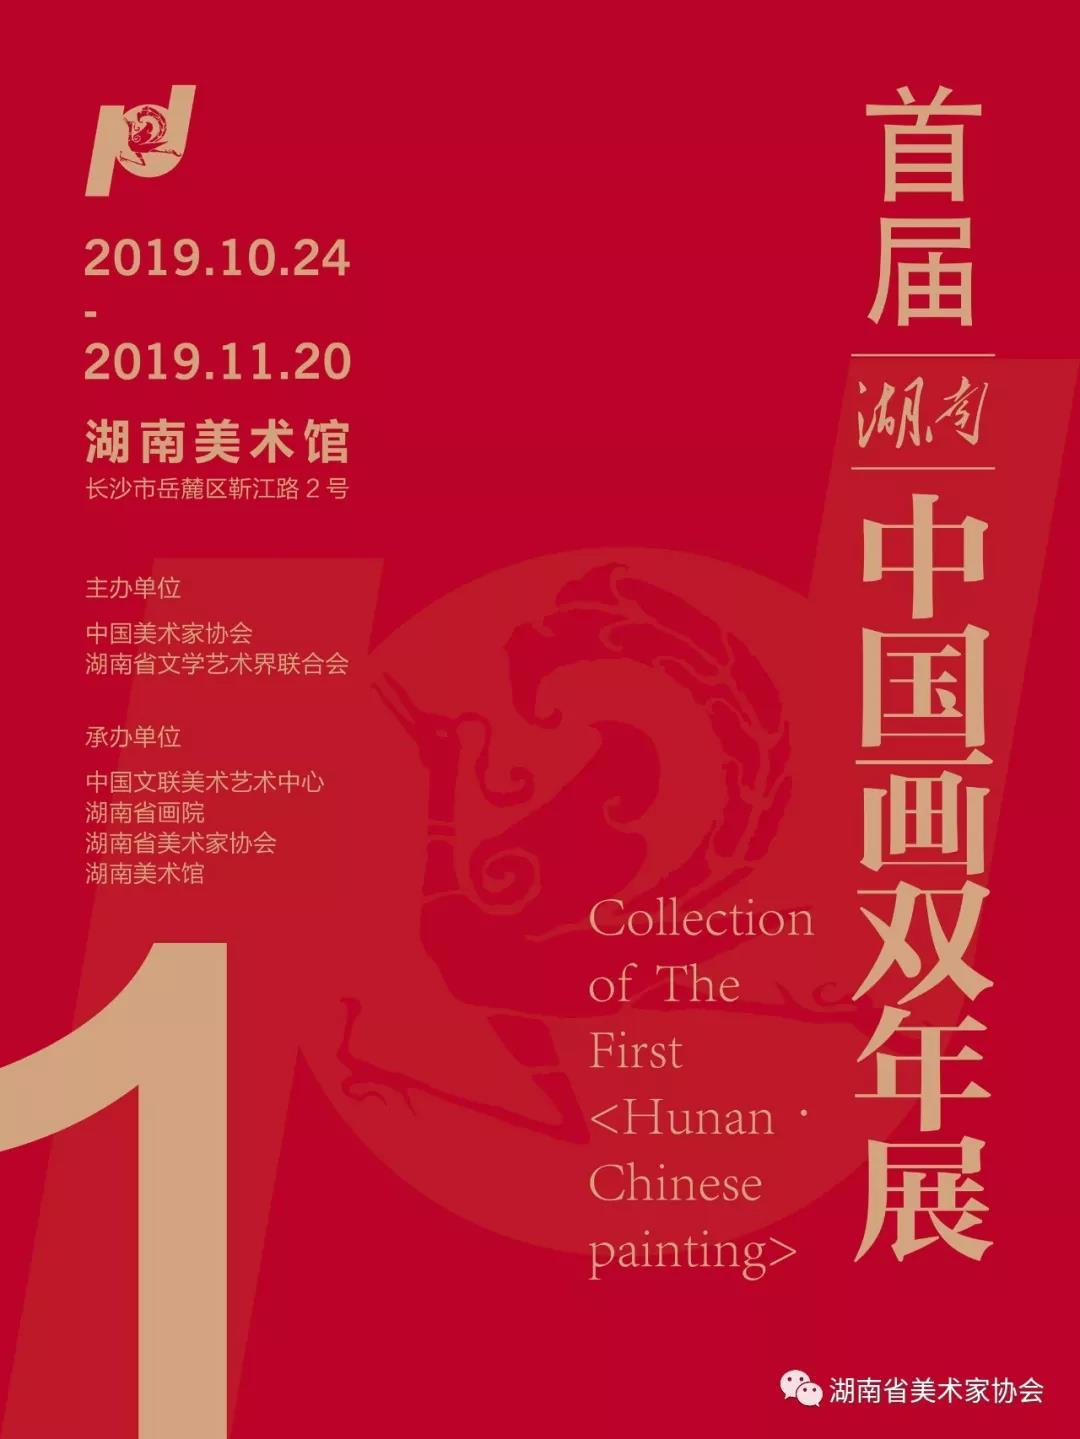 展讯 | 首届湖南·中国画双年展24日举行